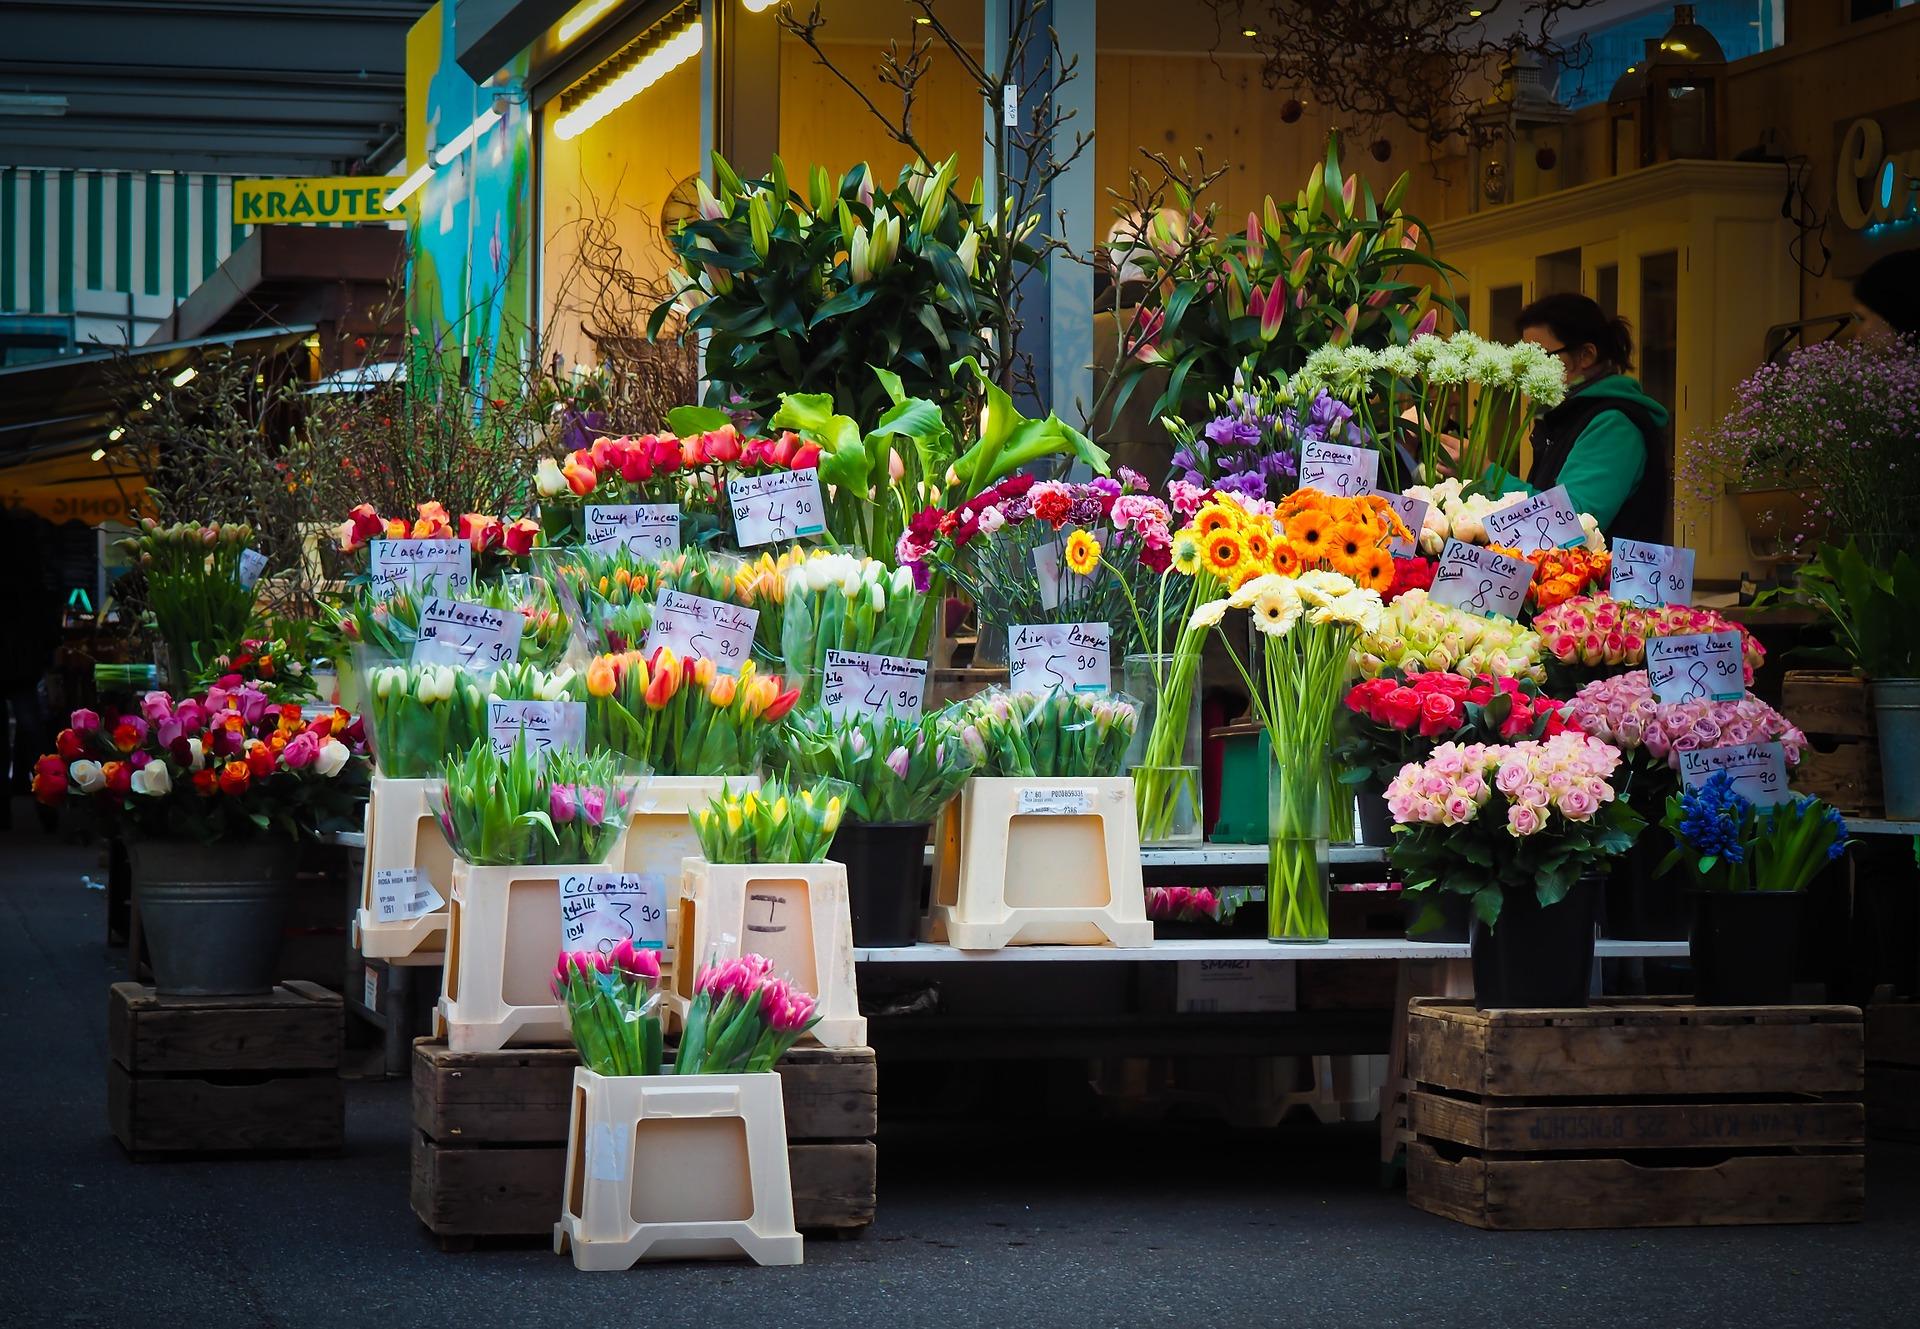 Fiori Vendita.Flower Mood Nuove Idee Per La Vendita Dei Fiori